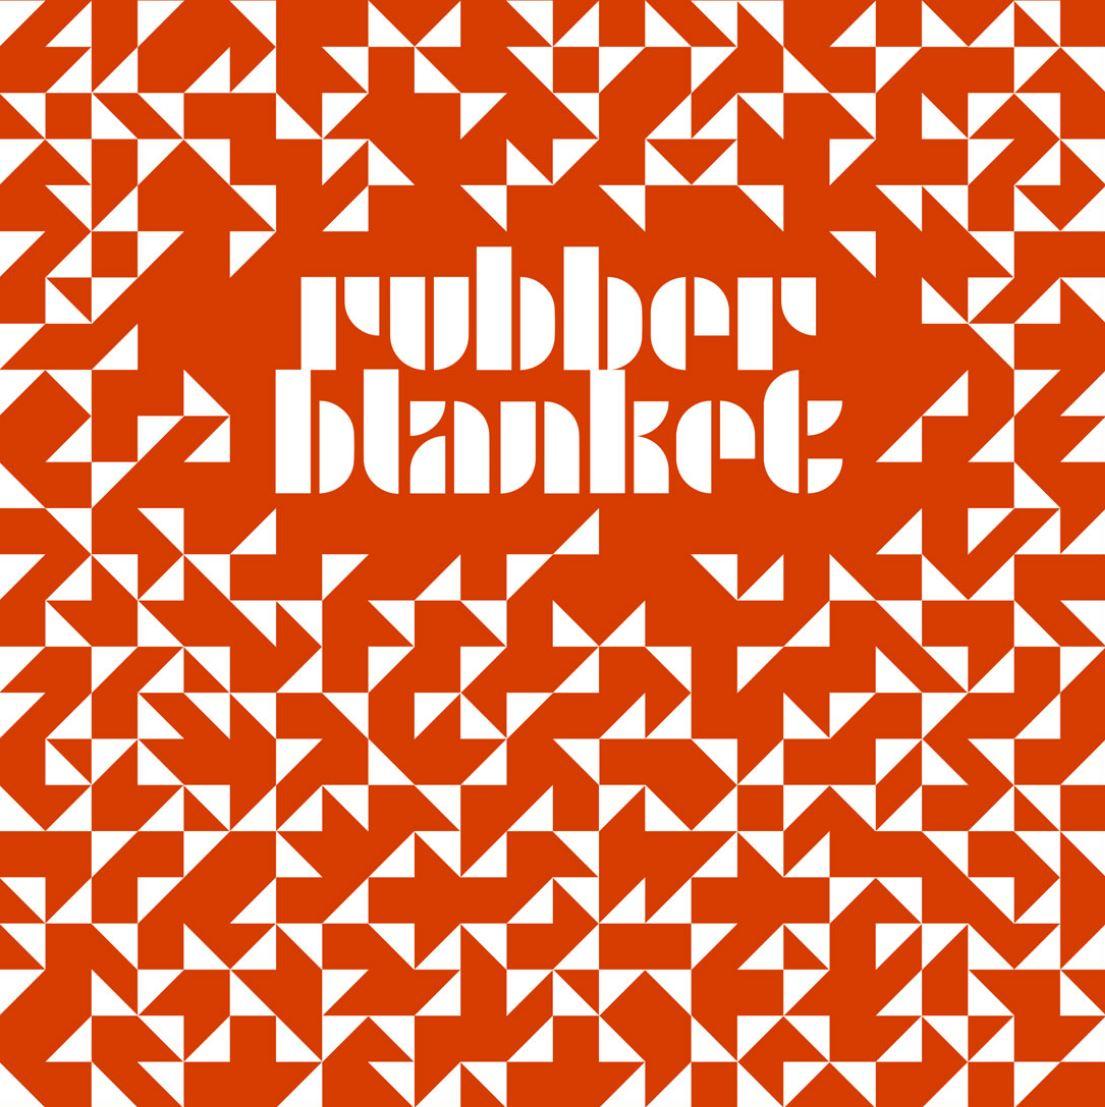 rubber blanket front.JPG